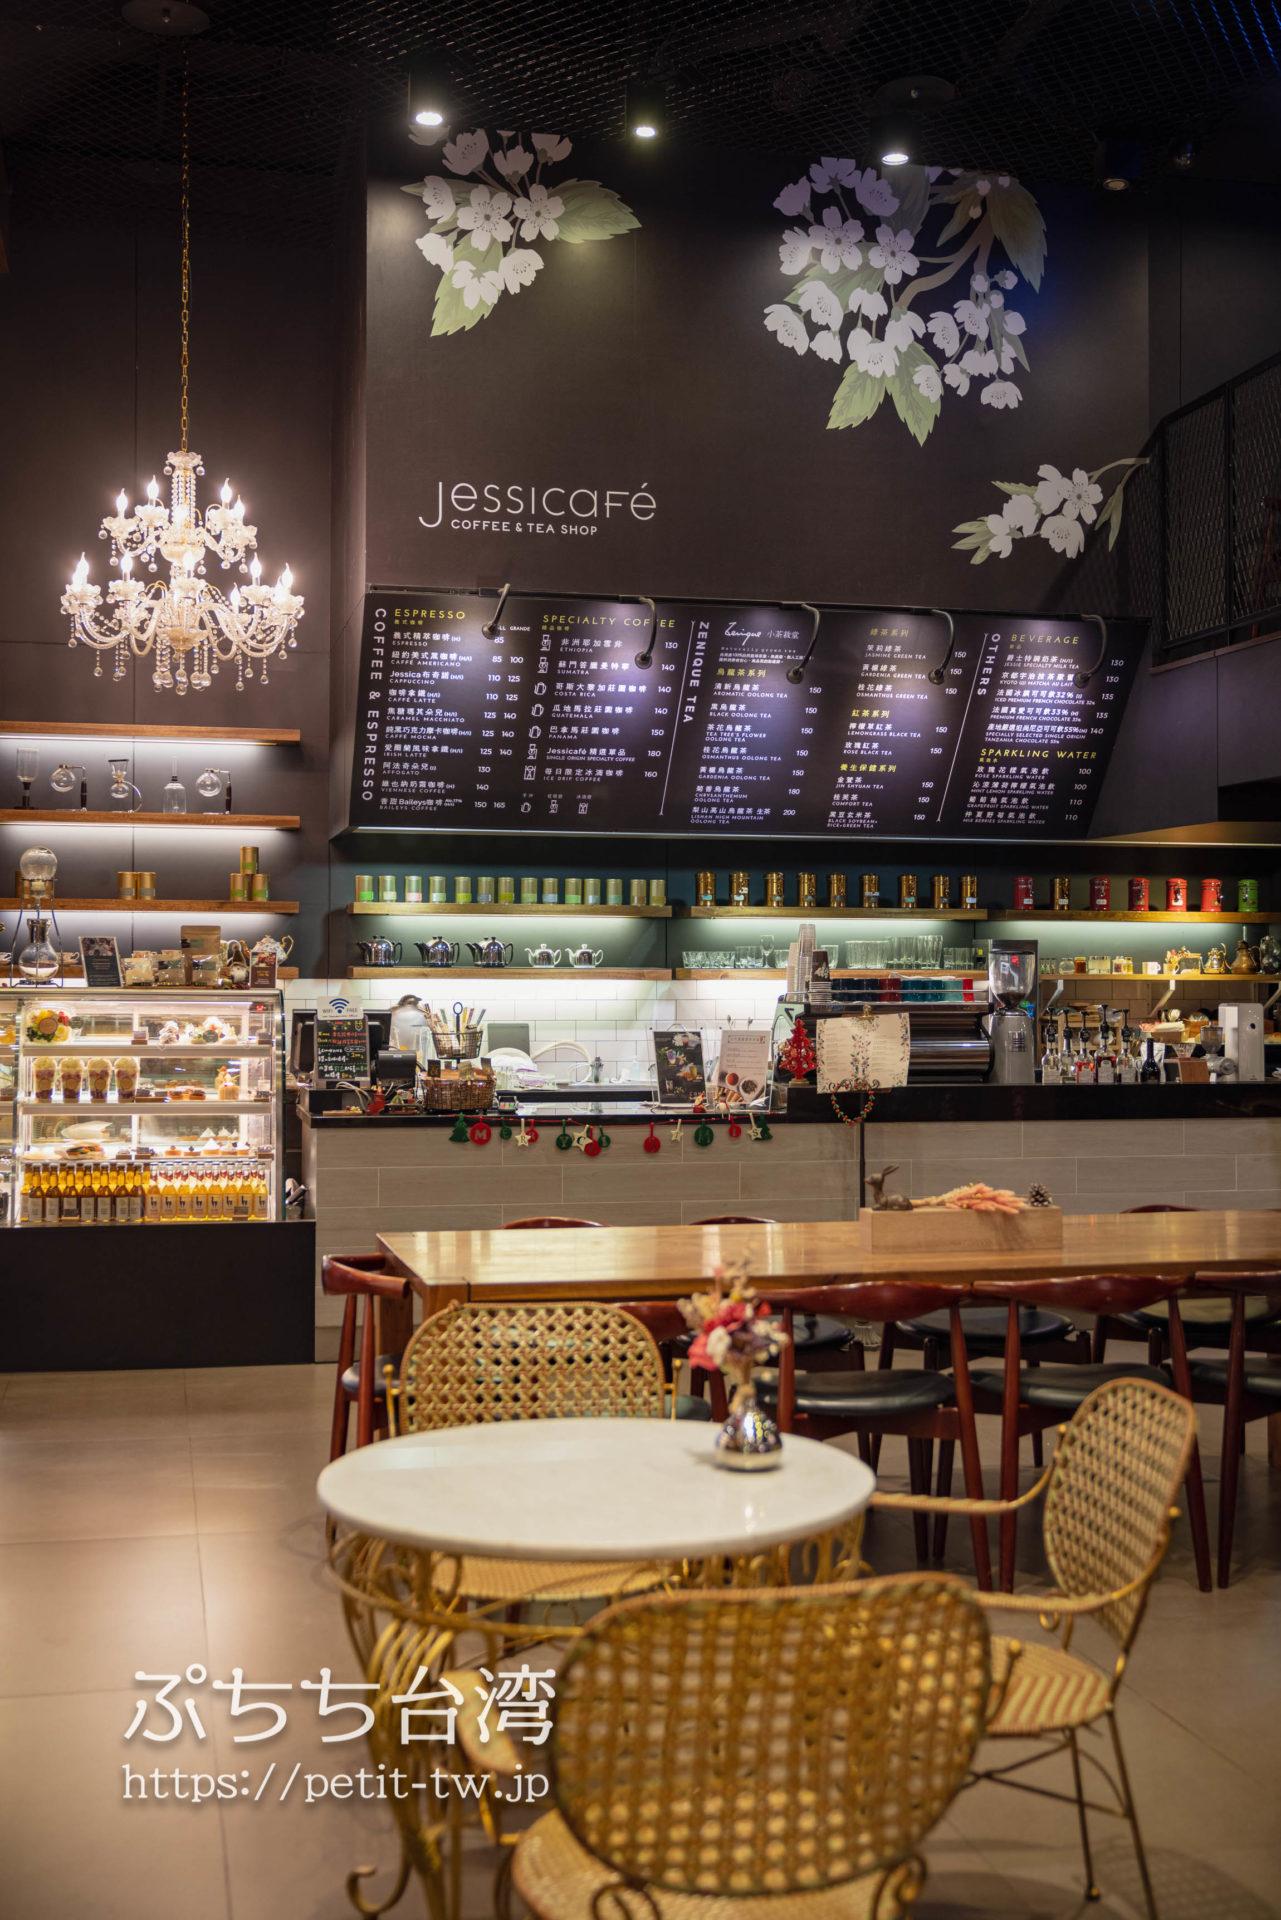 ジャストスリープ高雄駅前館のカフェ Jessicafe